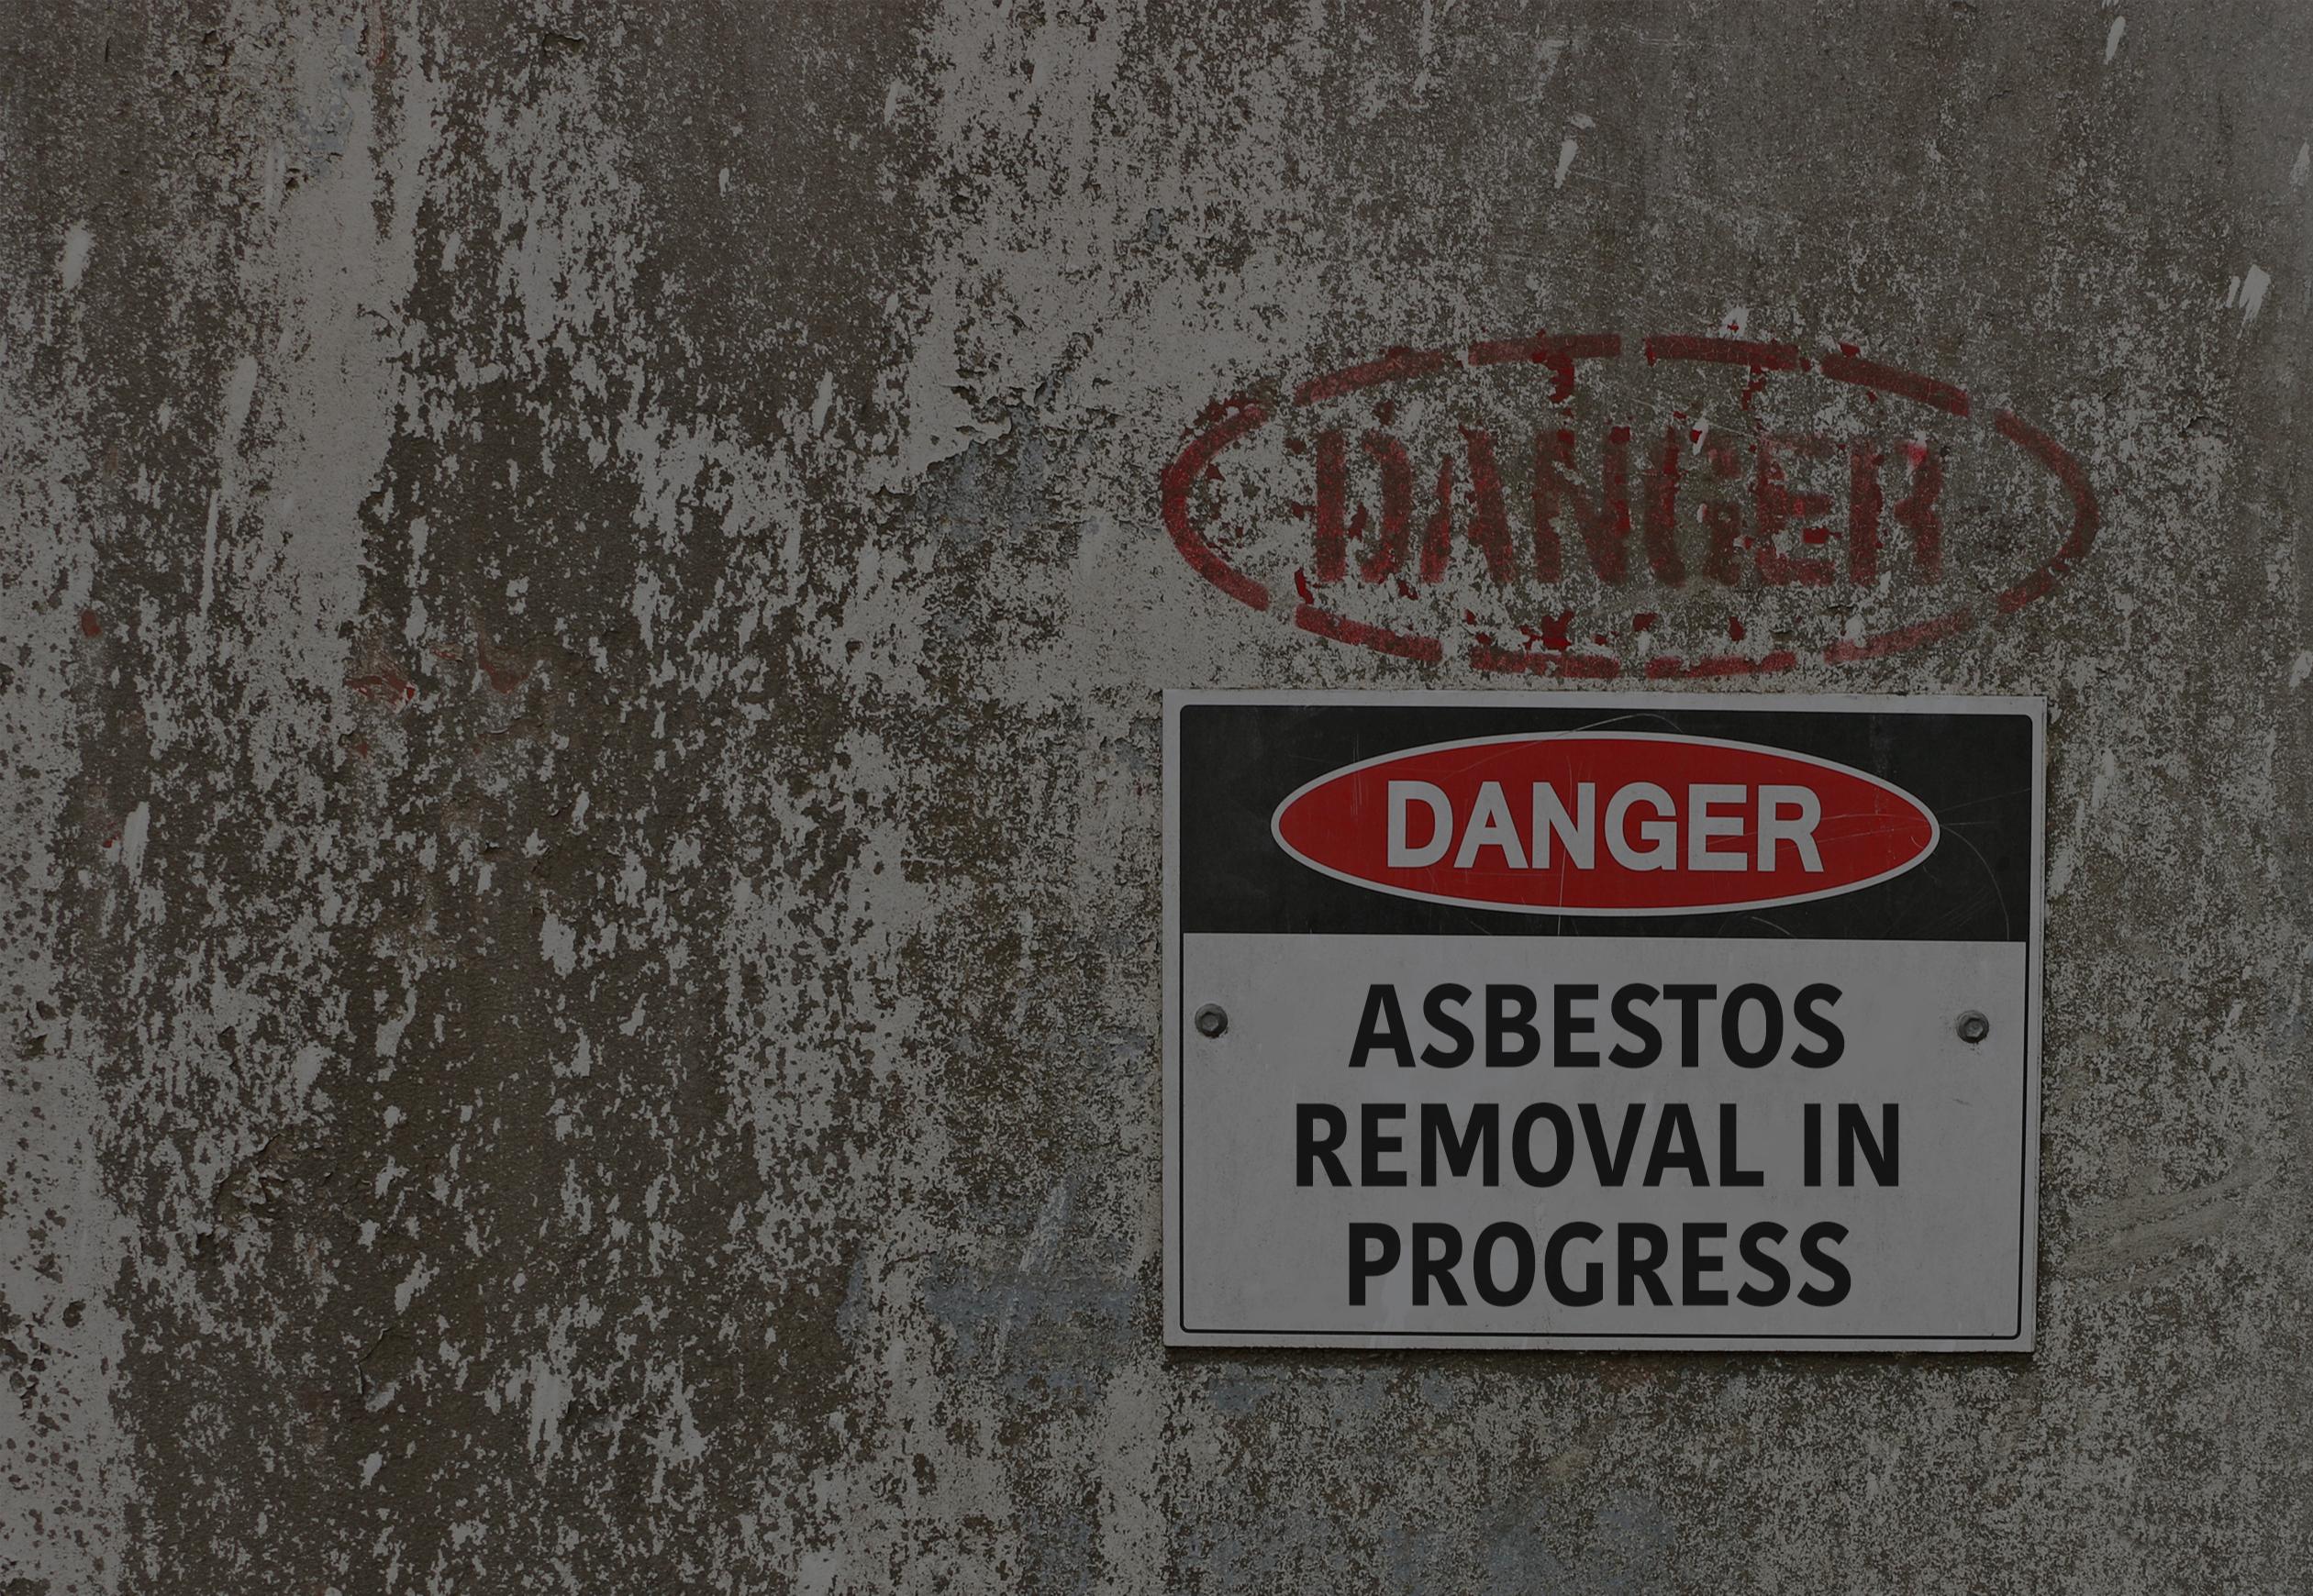 HSE Crack Down On Asbestos